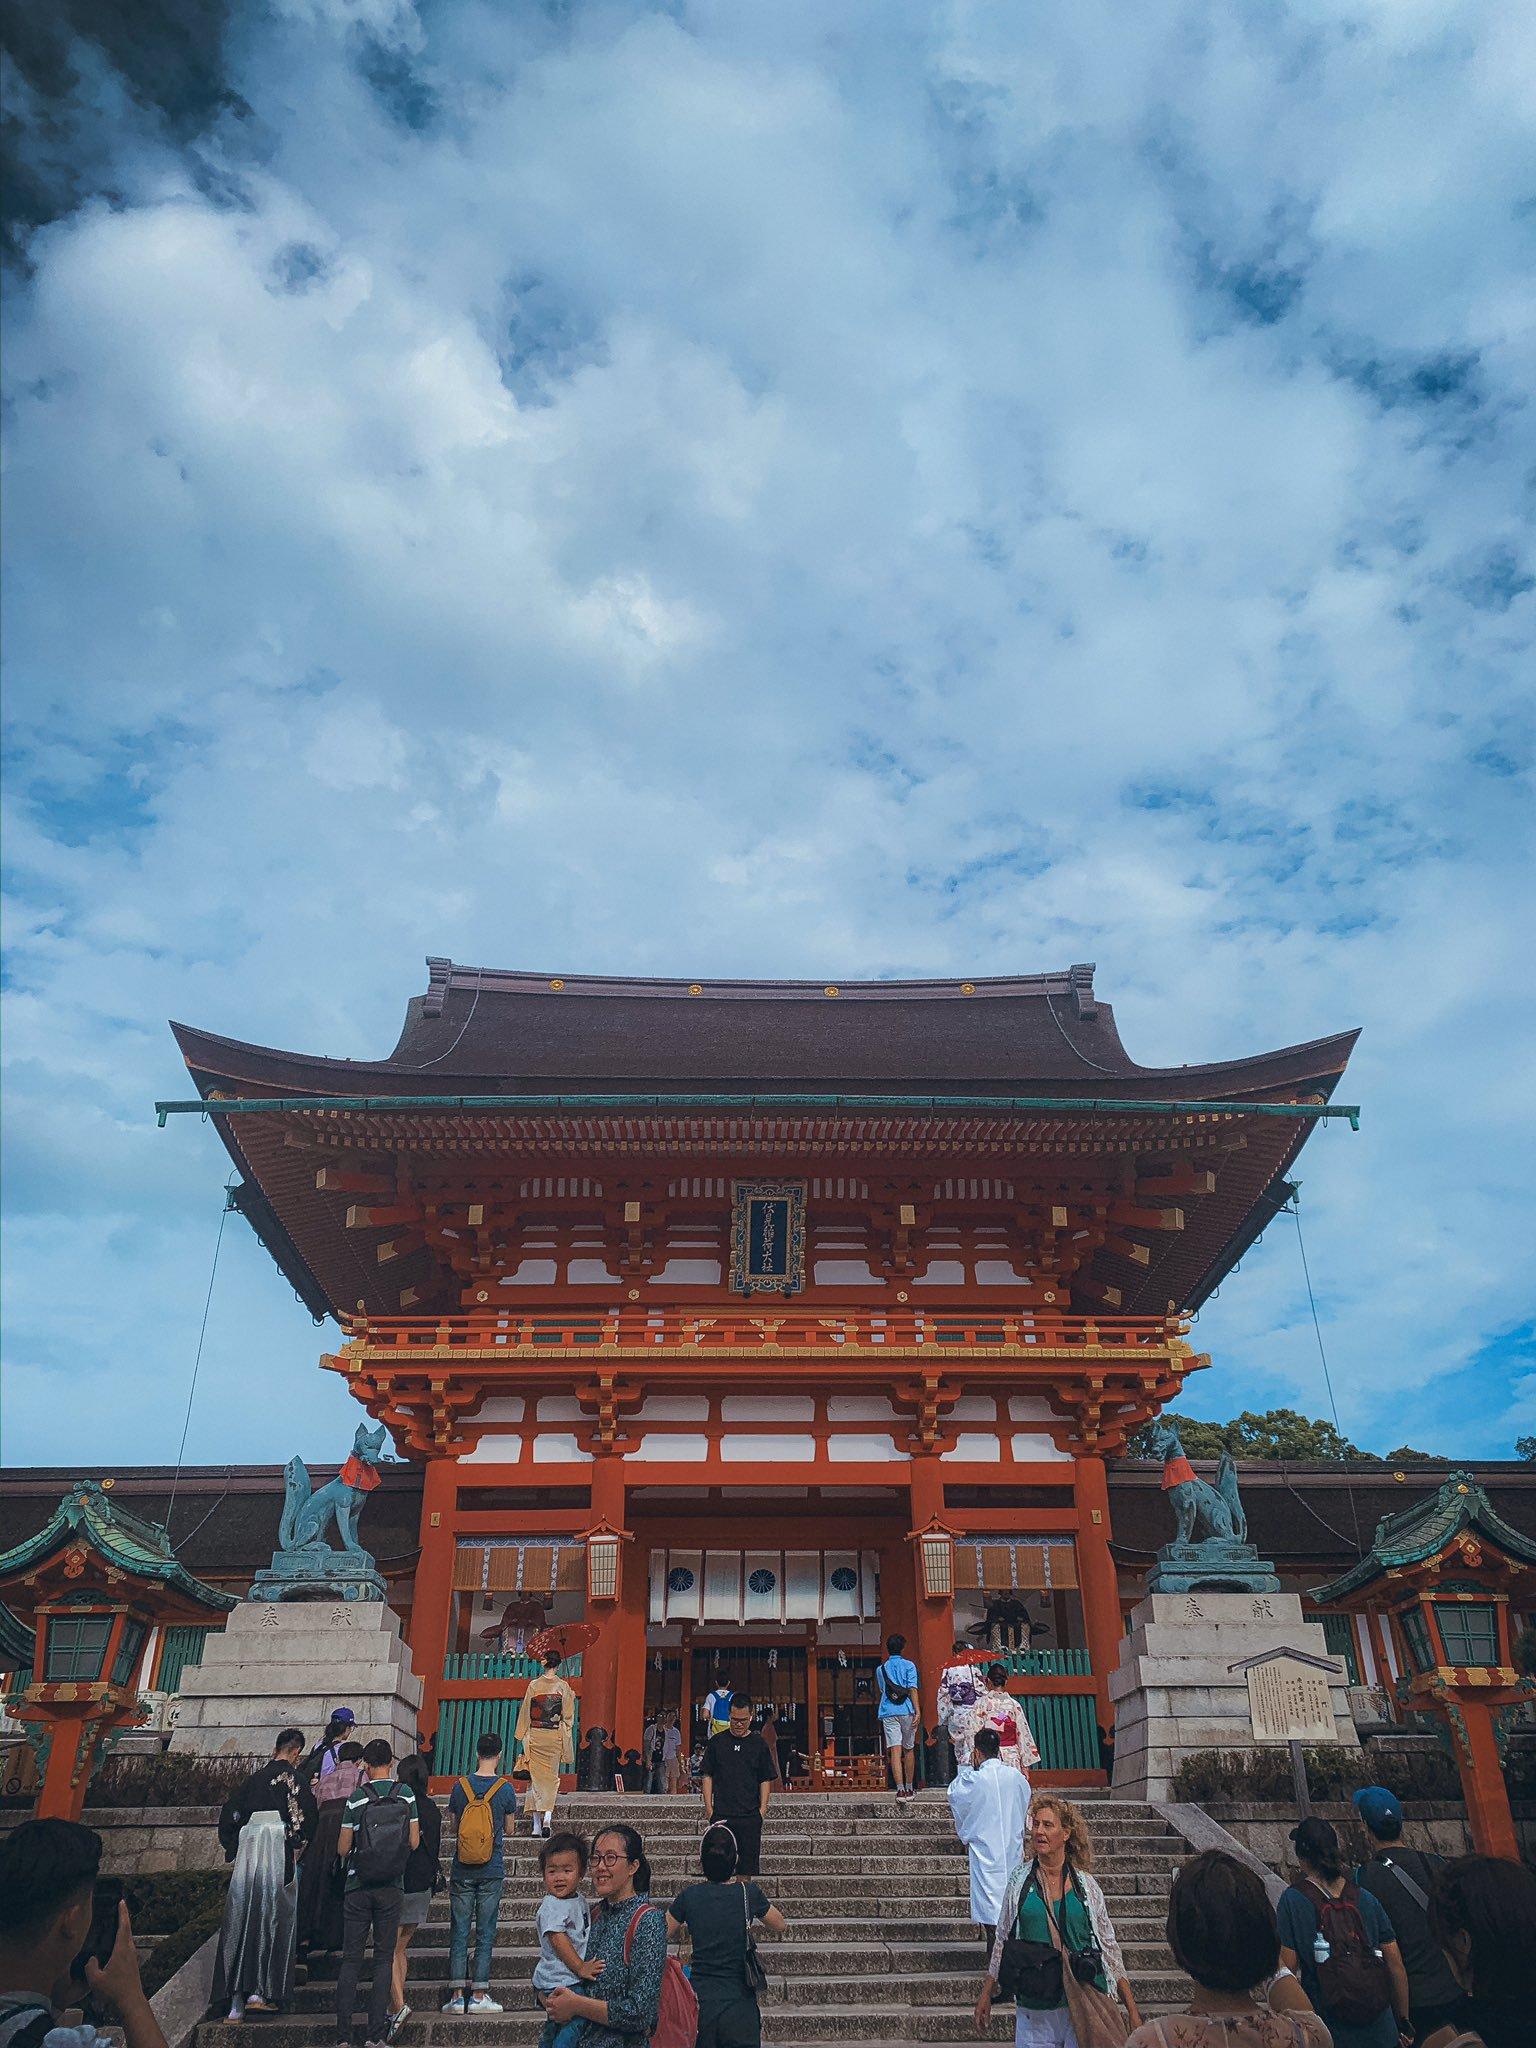 Day 5 Fushimi Inari Shrine